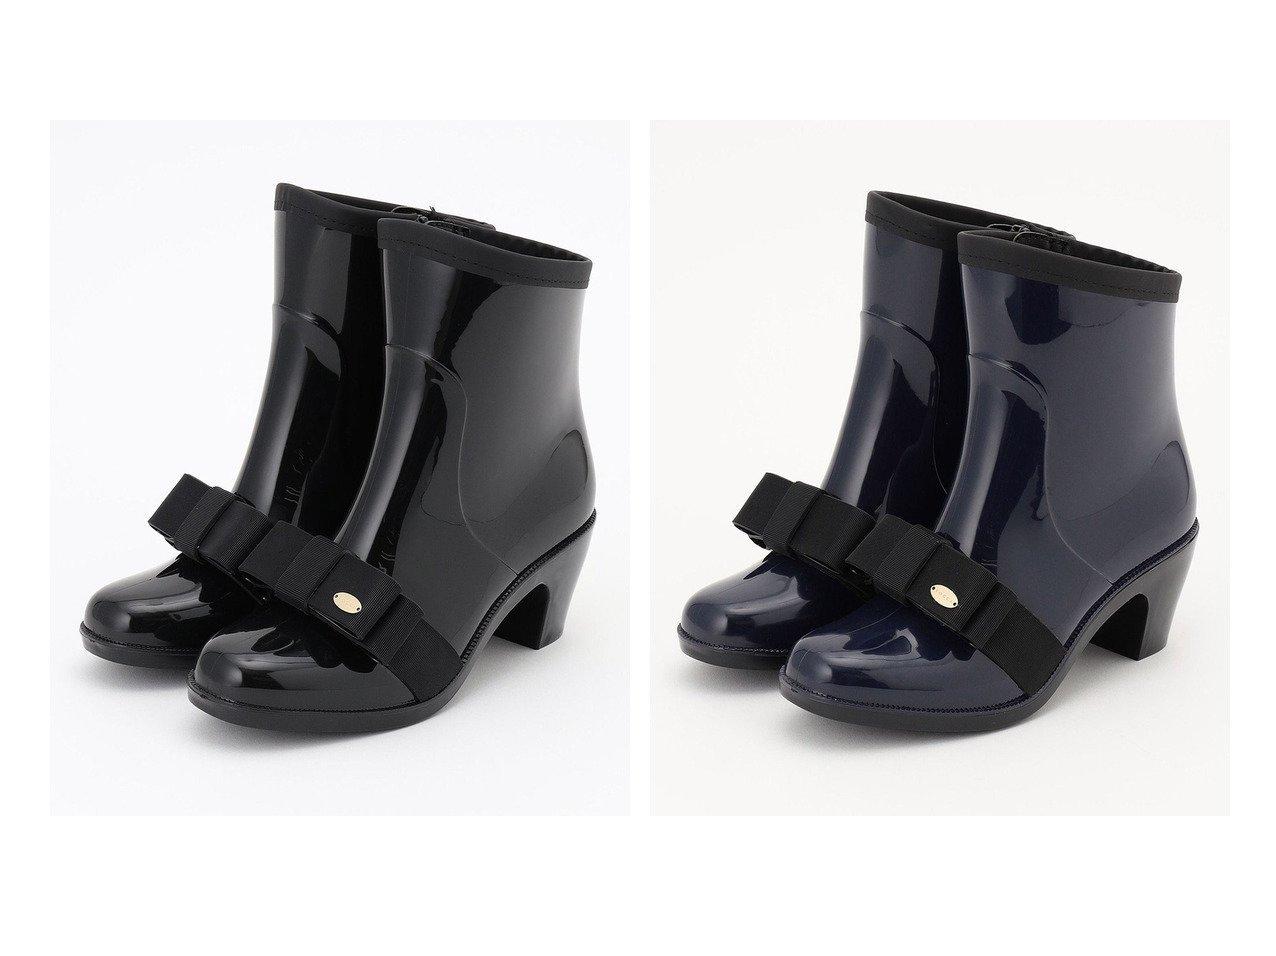 【TOCCA/トッカ】のTIED RIBBON RAIN BOOTS レインブーツ 【シューズ・靴】おすすめ!人気、トレンド・レディースファッションの通販 おすすめで人気の流行・トレンド、ファッションの通販商品 インテリア・家具・メンズファッション・キッズファッション・レディースファッション・服の通販 founy(ファニー) https://founy.com/ ファッション Fashion レディースファッション WOMEN 送料無料 Free Shipping 冬 Winter エレガント シューズ フォルム フロント モチーフ リボン |ID:crp329100000051243